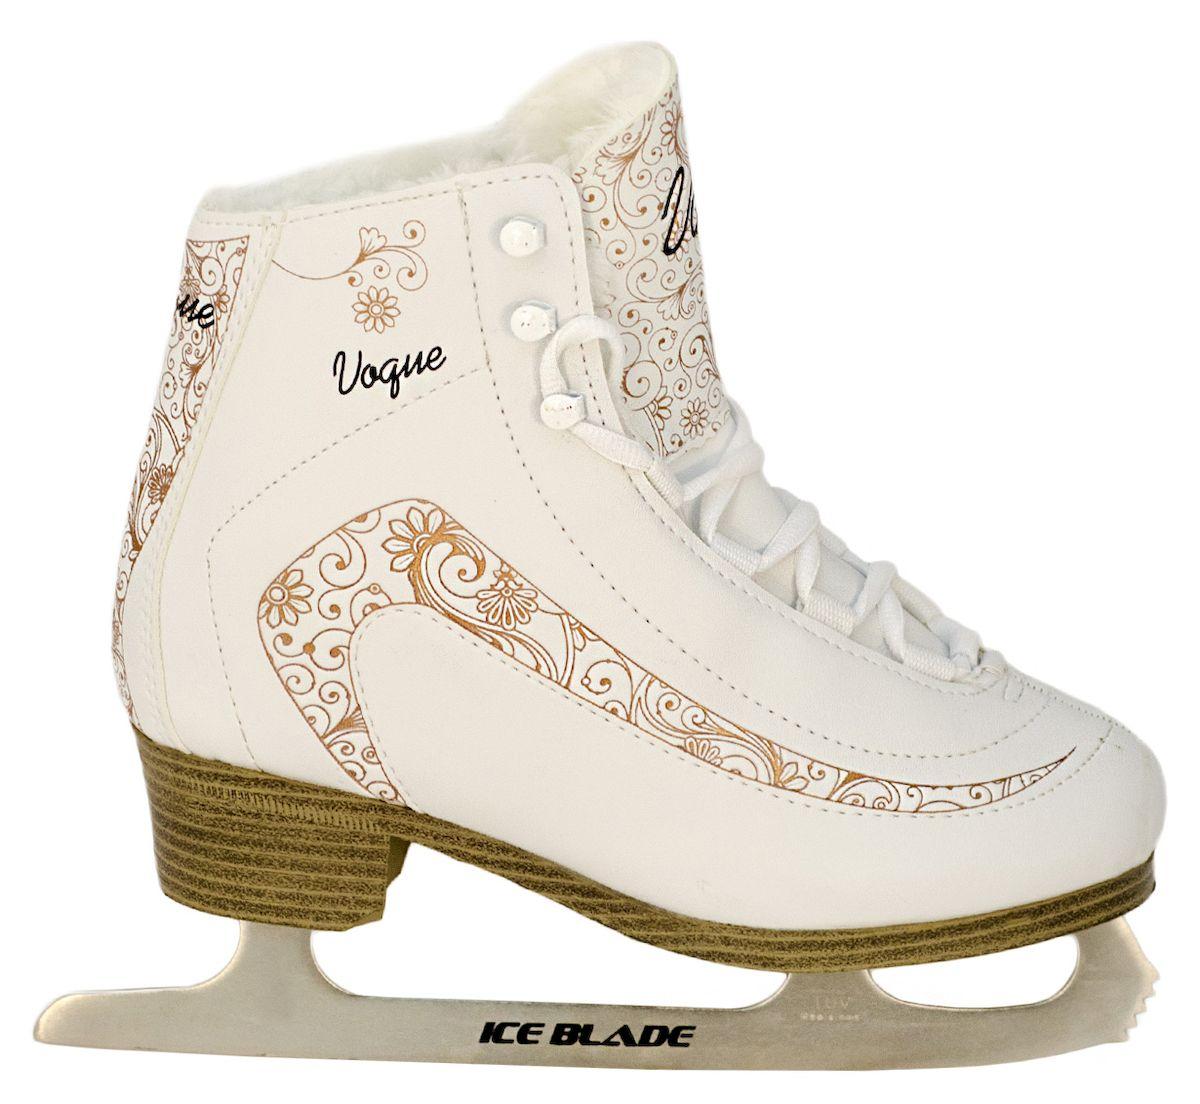 Коньки фигурные Ice Blade Vogue, цвет: белый, золотой. УТ-00006871. Размер 34